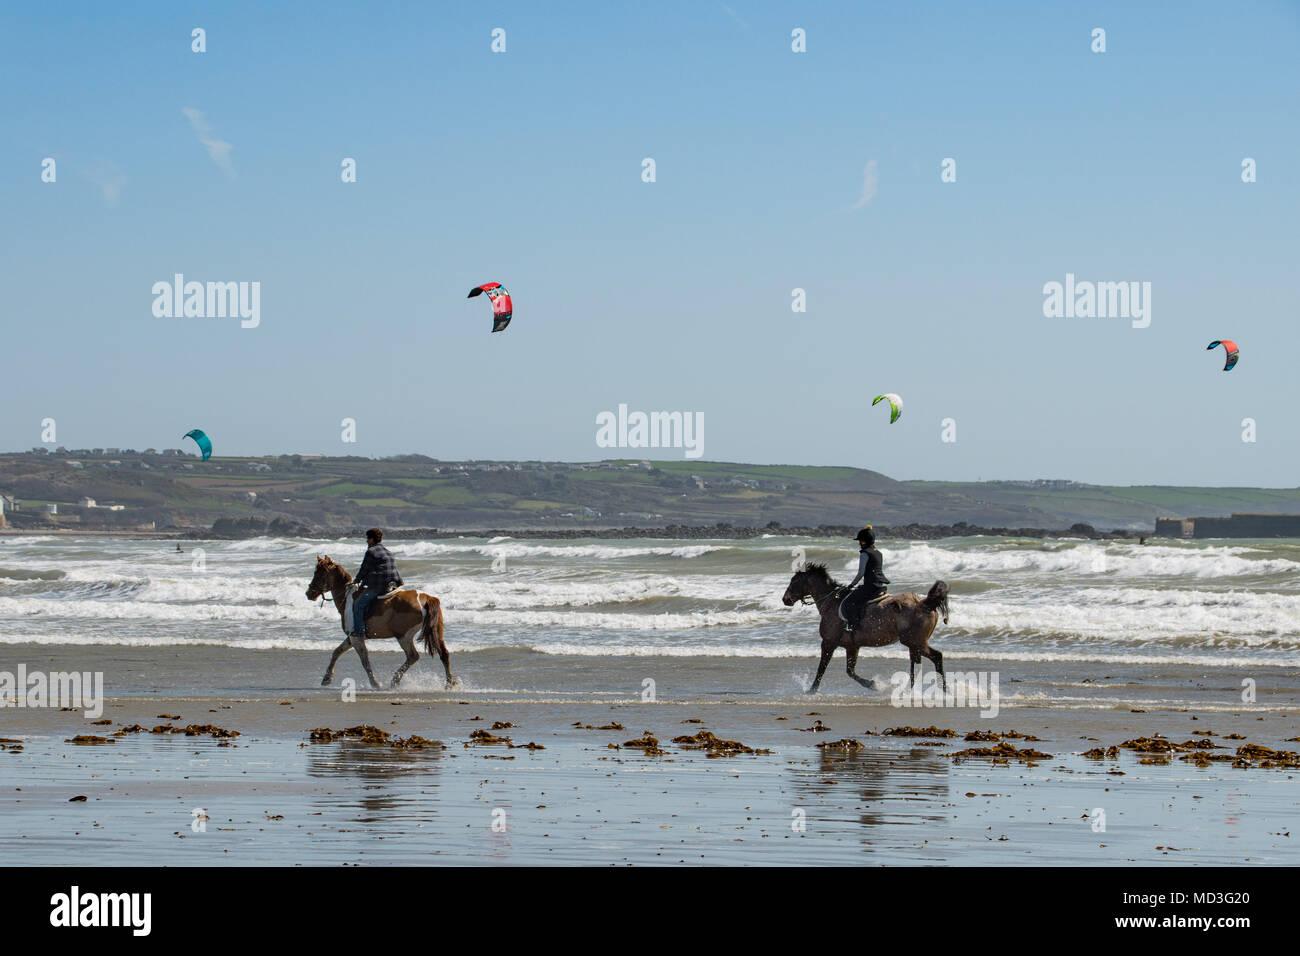 Langen Felsformation, in der Nähe von Marazion, Cornwall, UK. 18. April 2018. UK Wetter. Eine steife onshore Wind hielt die Temperaturen bis zu 19 Grad C heute Mittag am Strand von langen Felsformation. Cornwall schwimmen Pferde für einen Galopp waren, jedoch werden Sie nicht schwimmen, bis das Meer erwärmt sich ein bisschen mehr im Mai. Foto: Simon Maycock/Alamy leben Nachrichten Stockbild